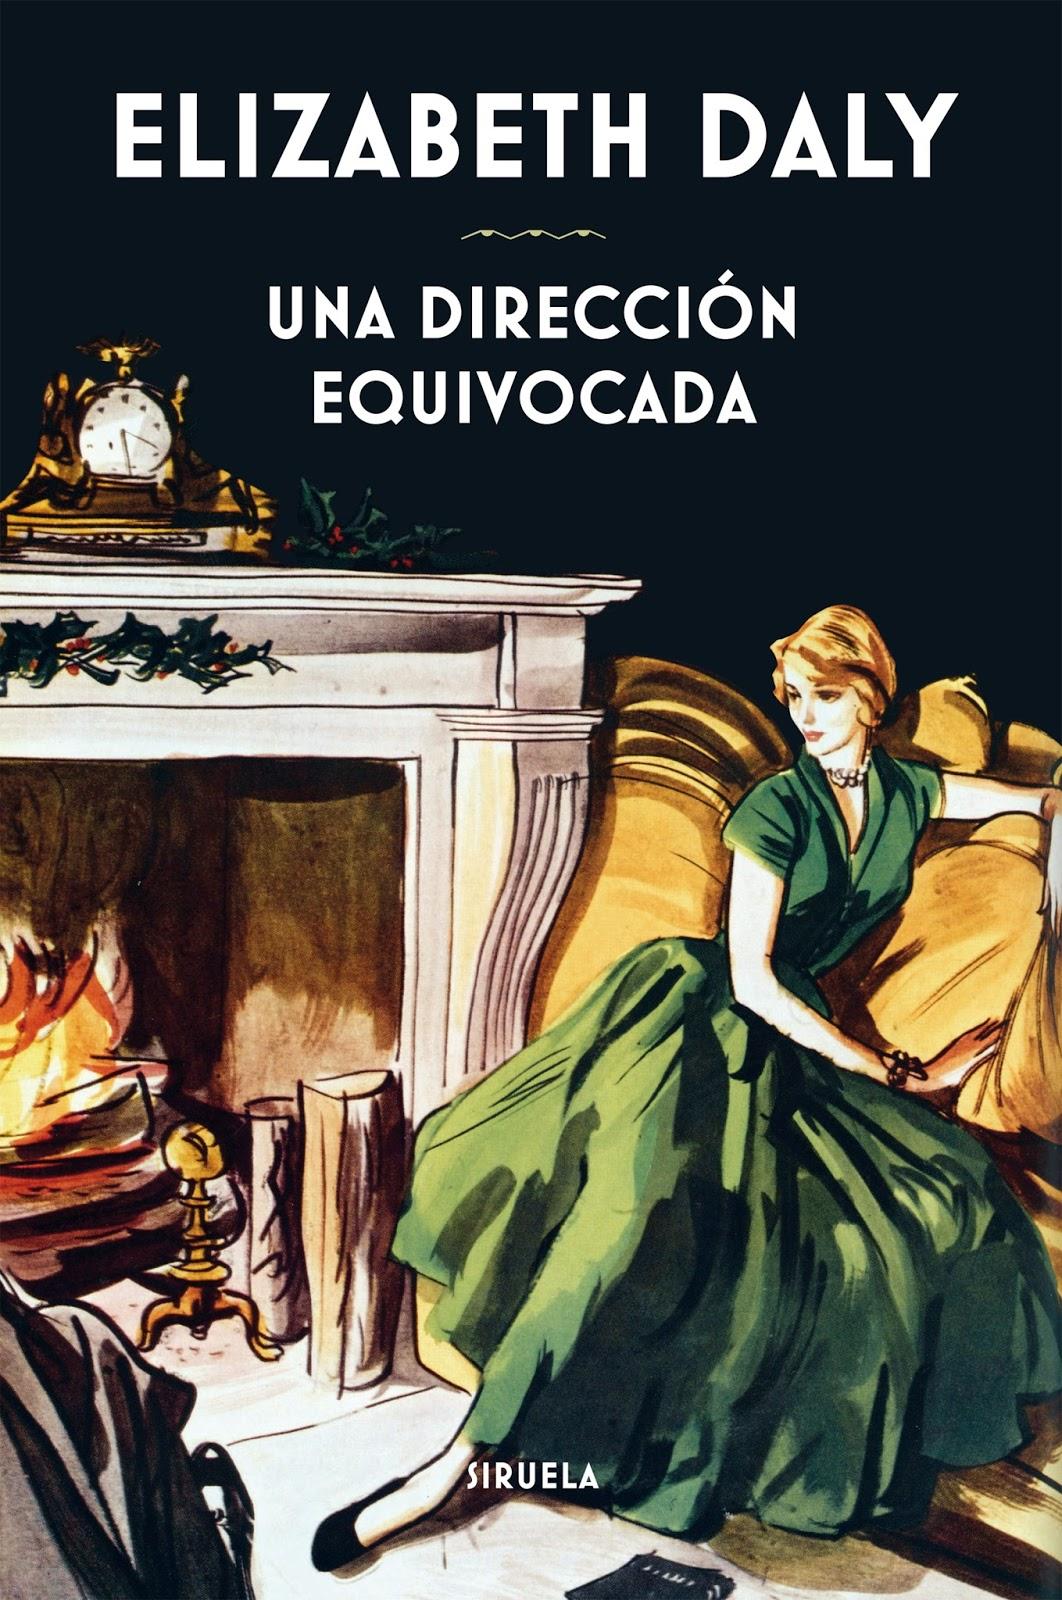 SIRUELA EDICIONES